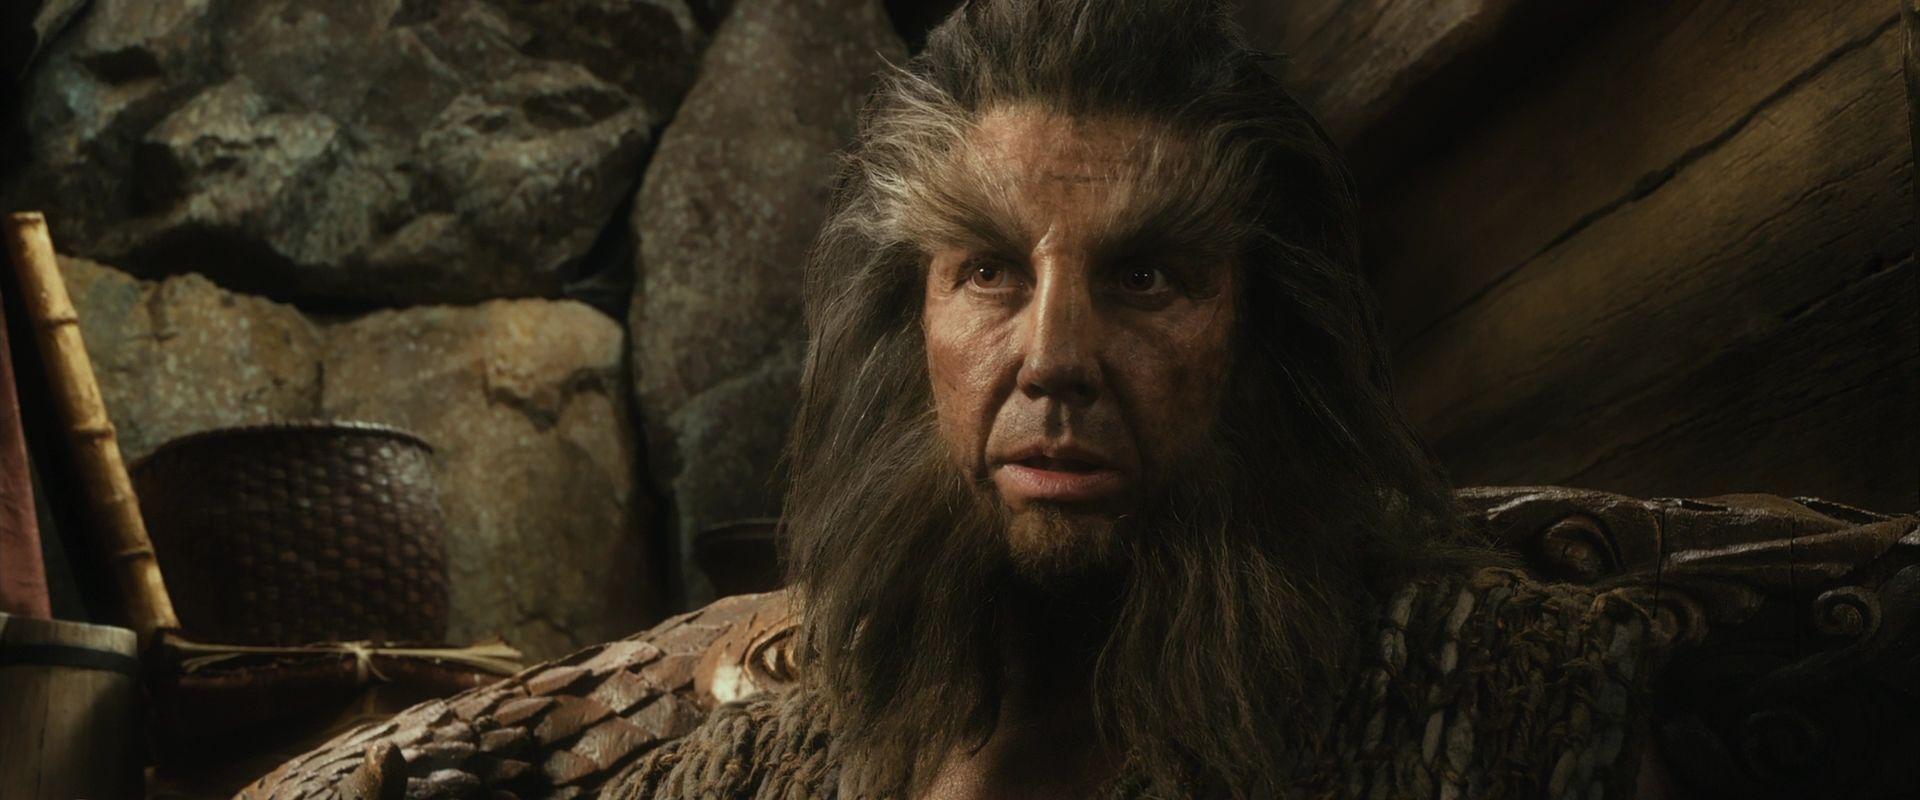 ¿Cuál era el nombre del cambiapieles que ayudo a los enanos (más Bilbo y Gandalf) tras escapar de los trasgos?